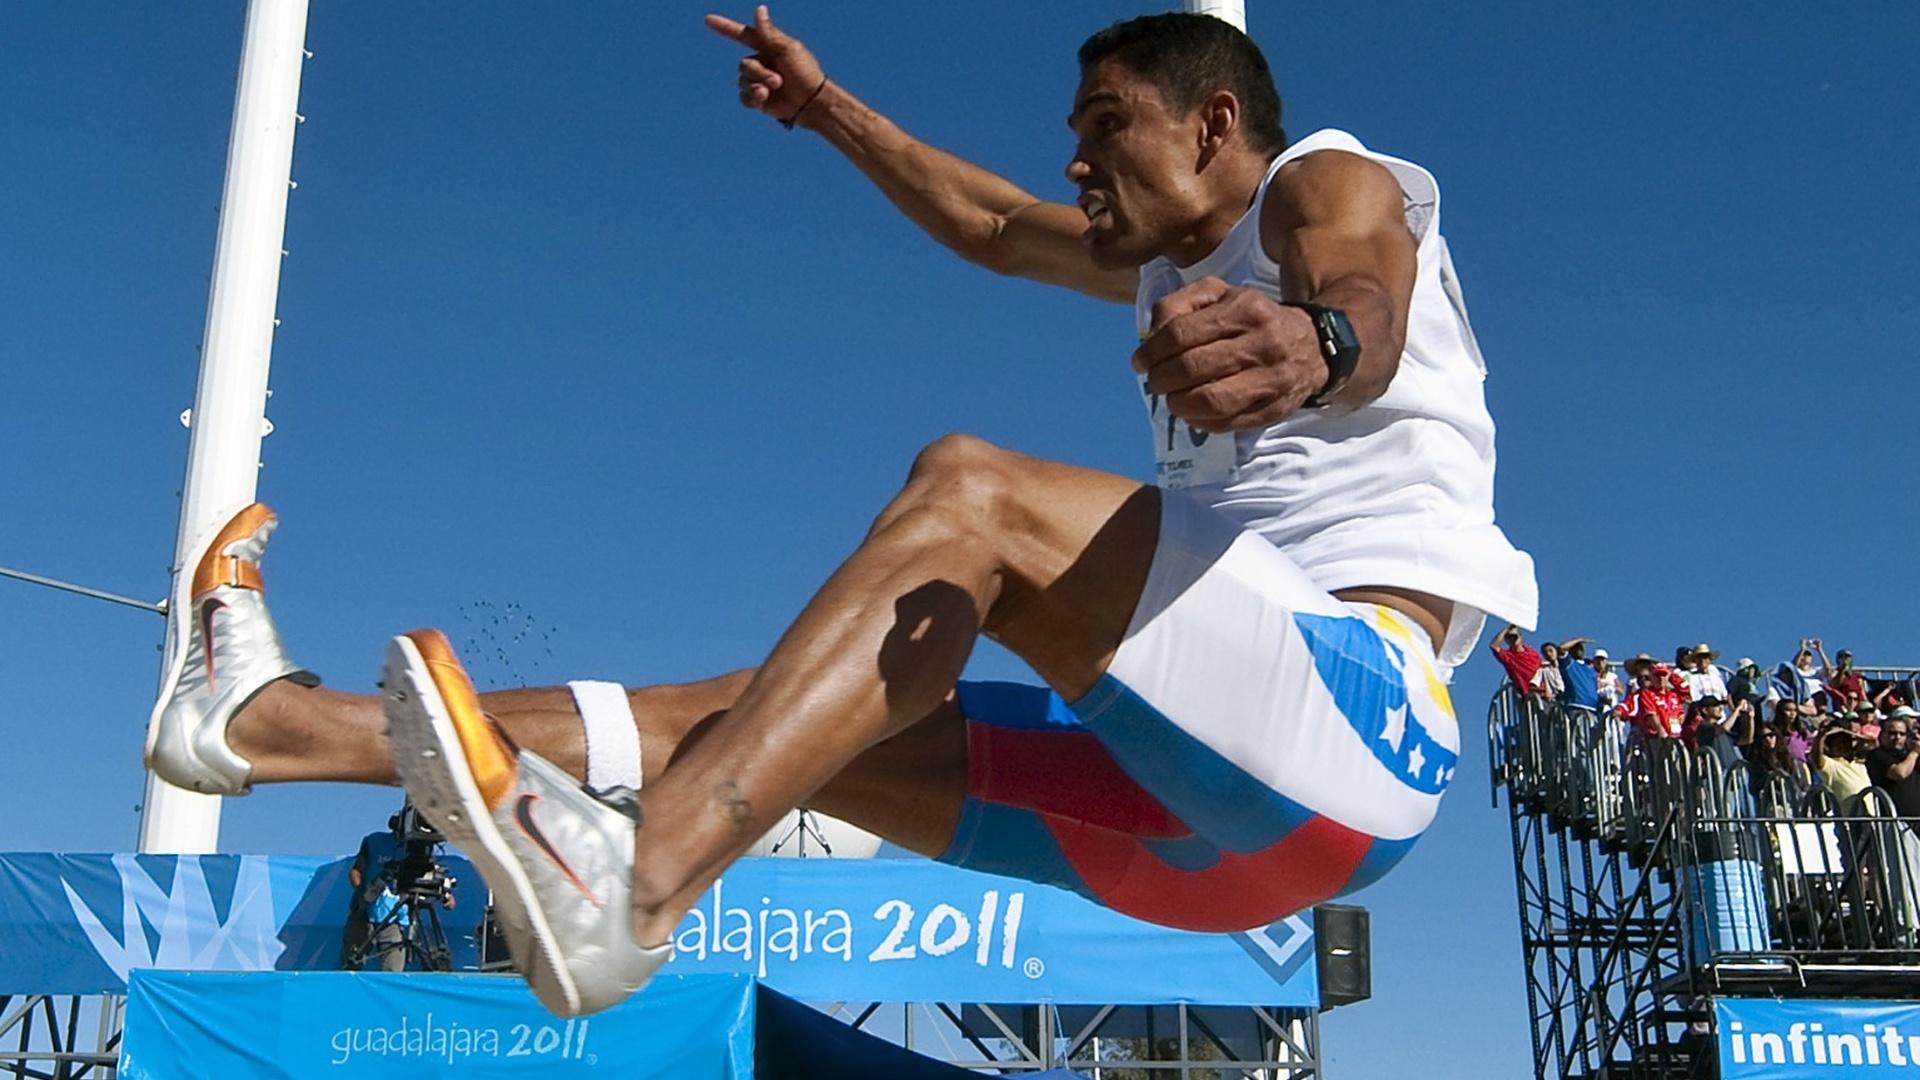 Venezuelano Victor Castillo participou da prova do salto em distância